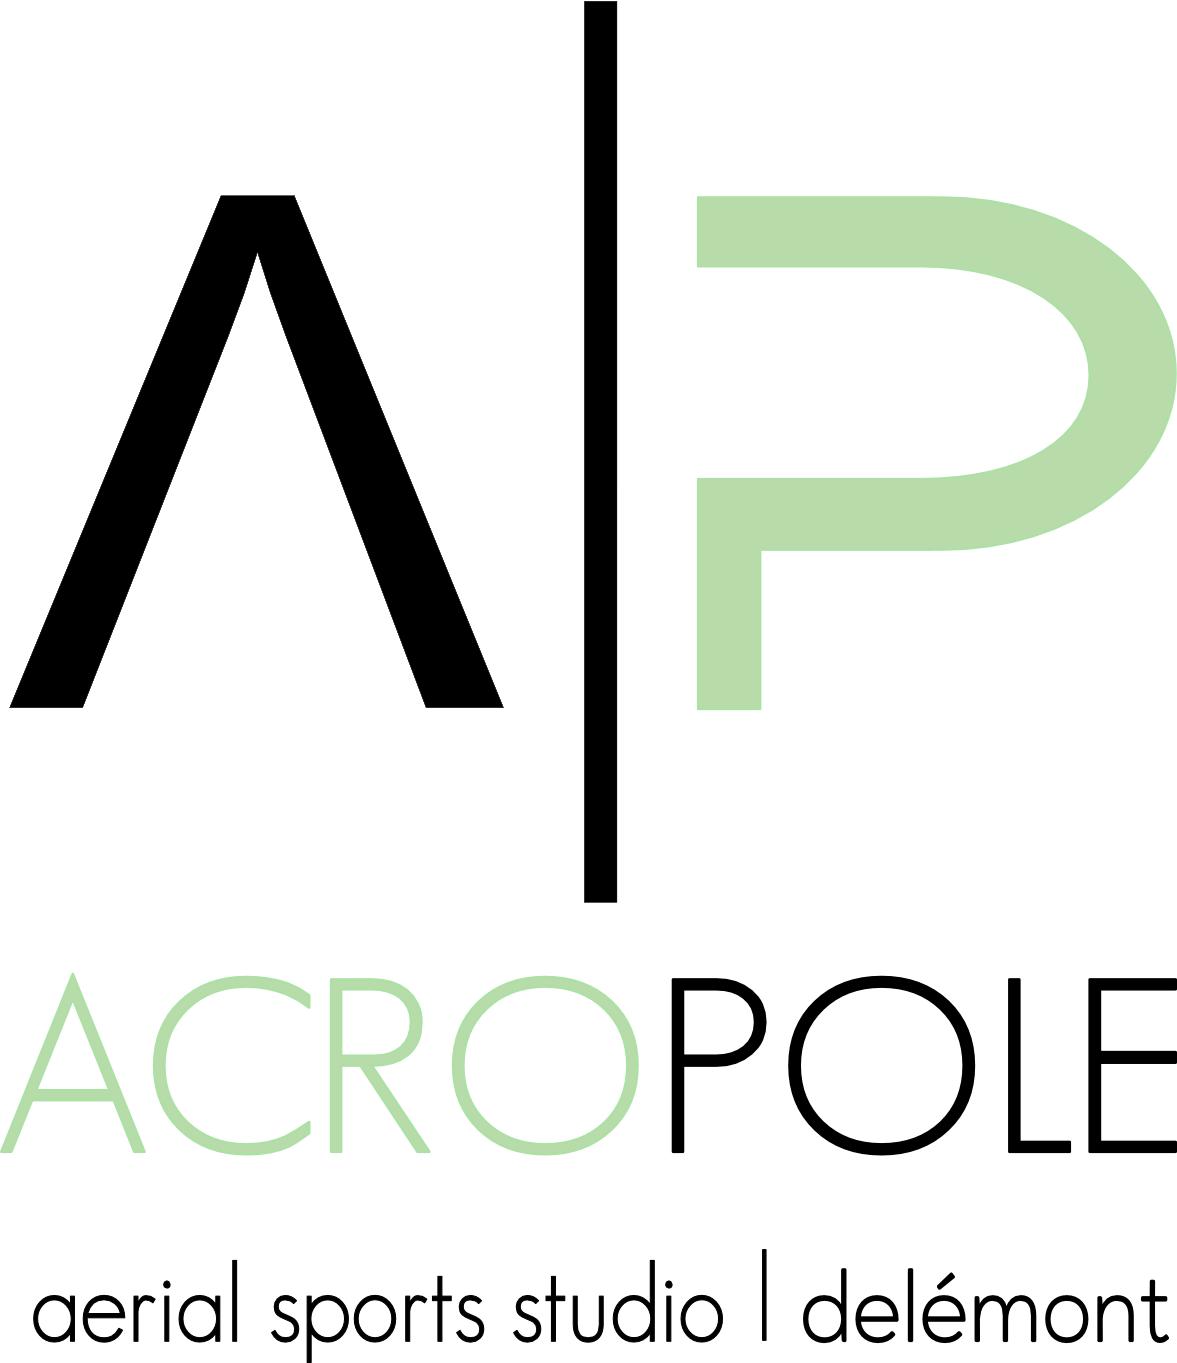 Acropole Studio | Delémont